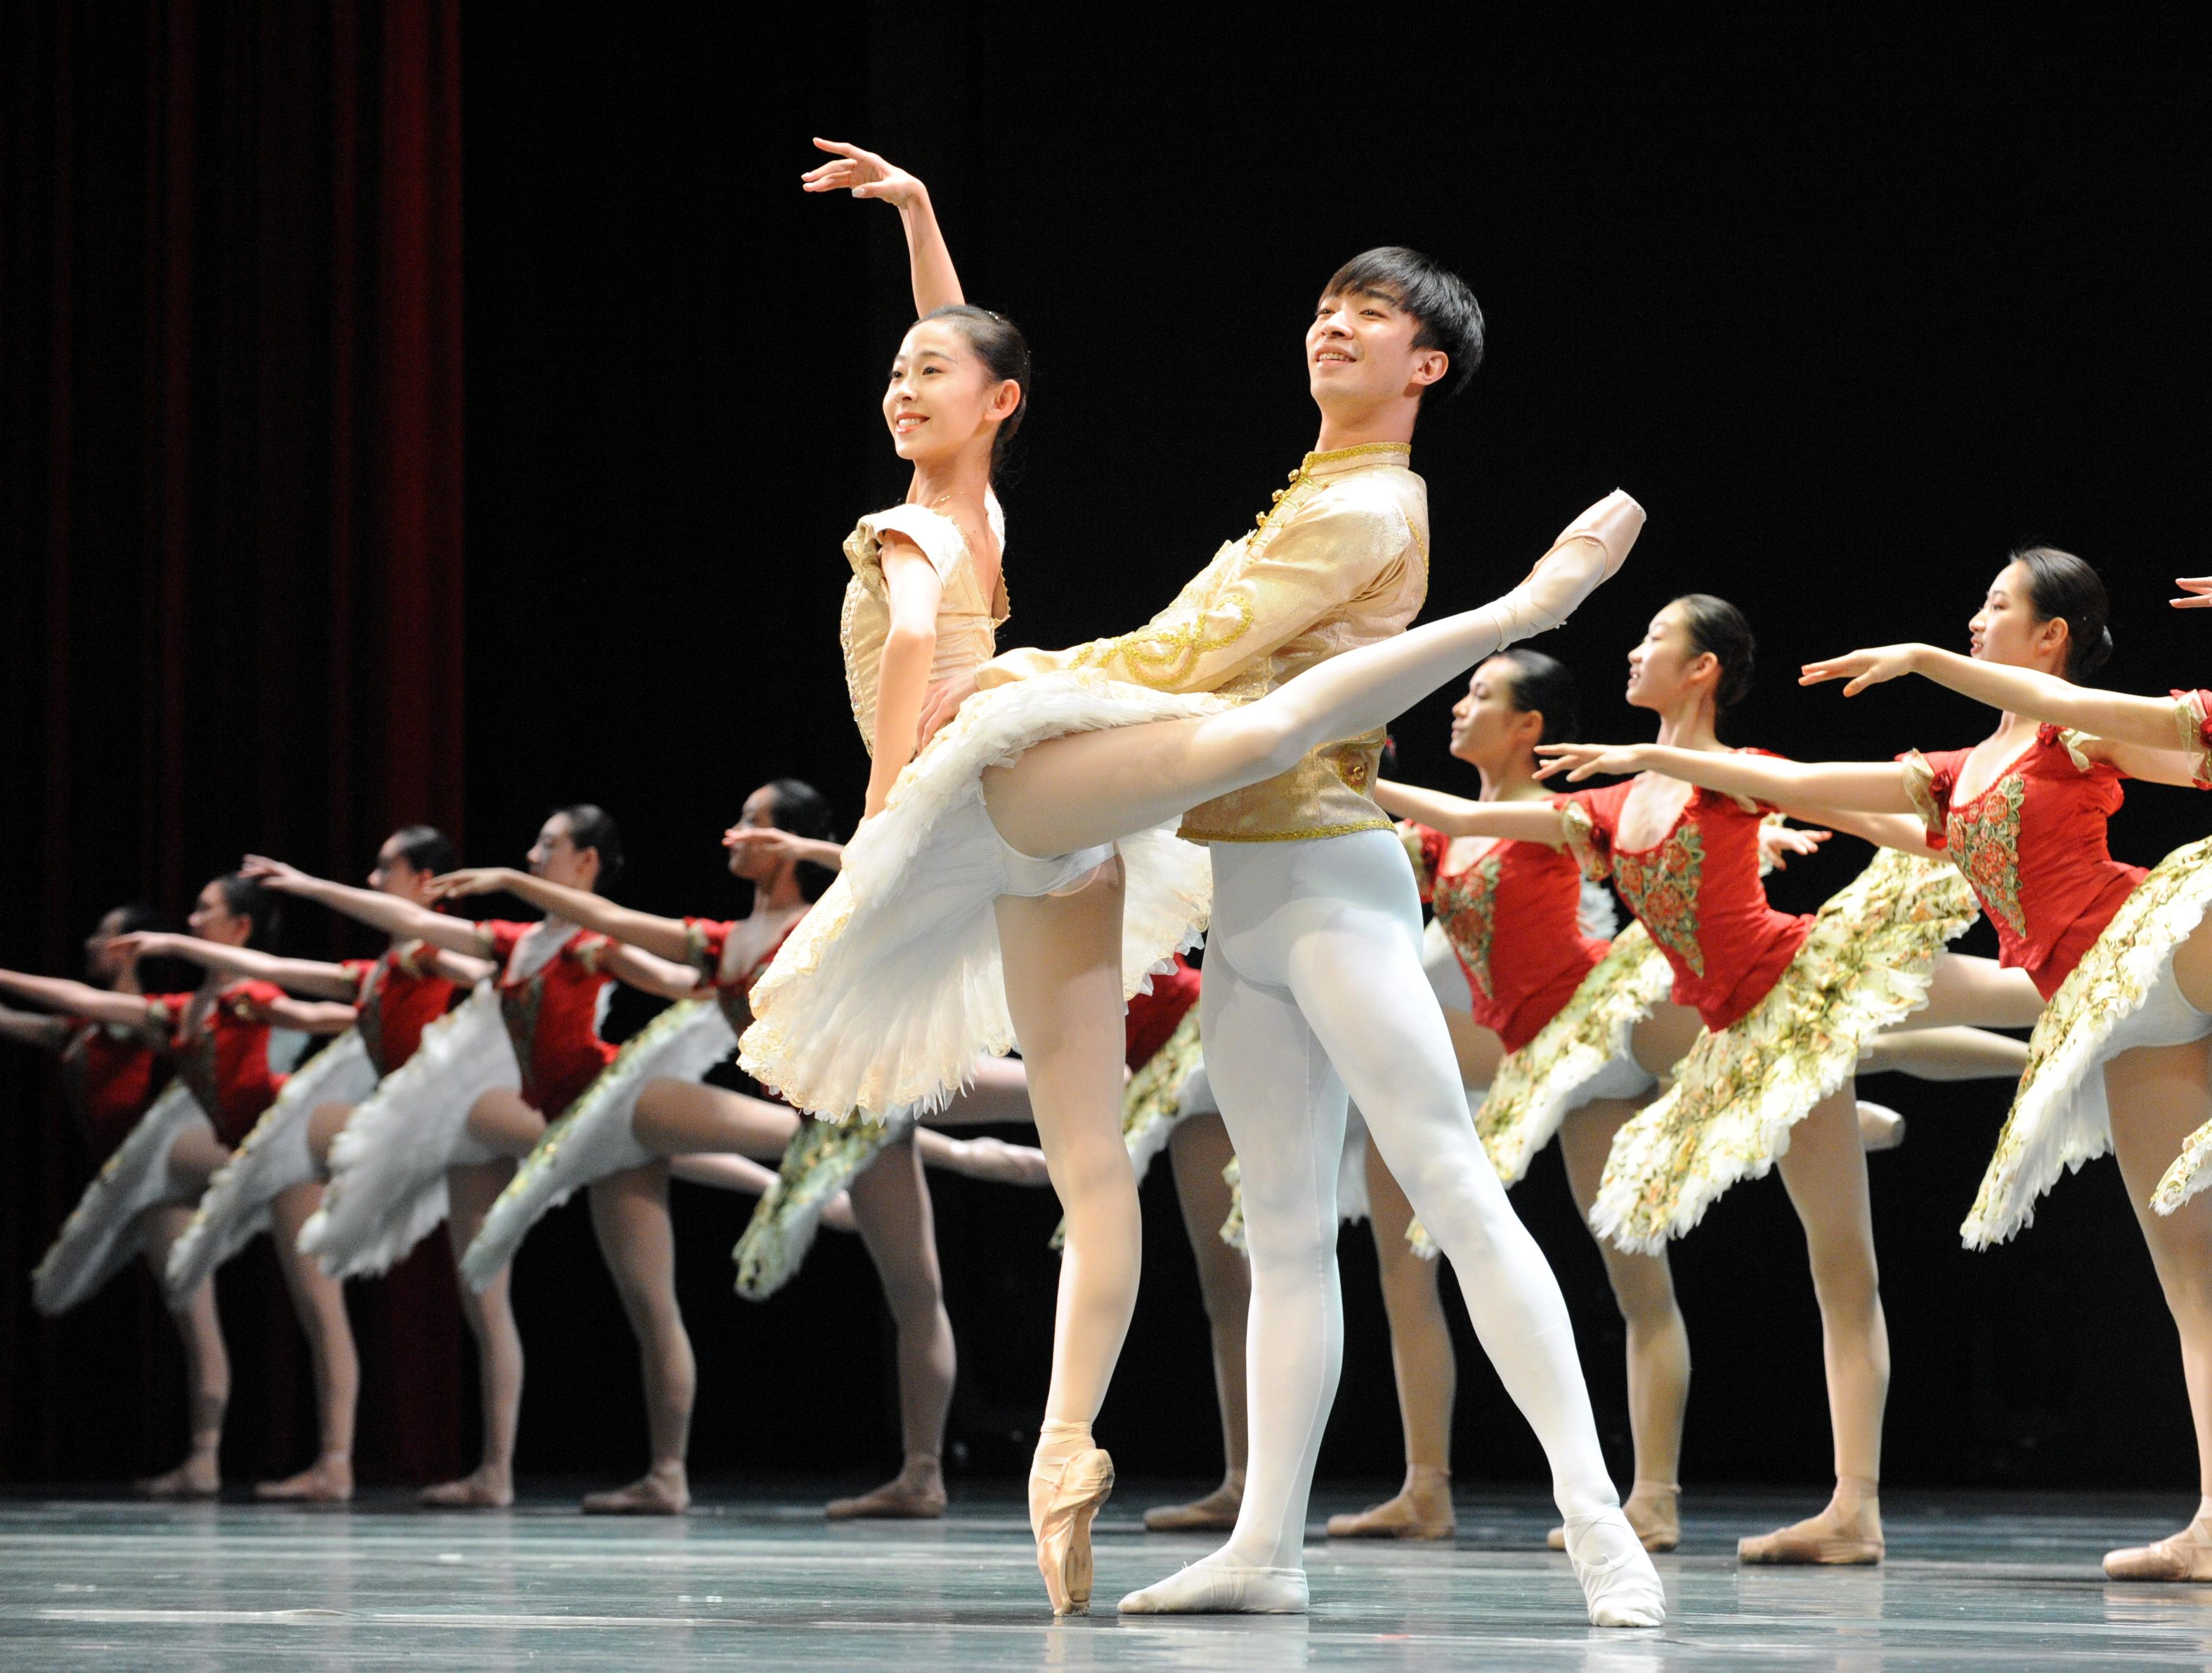 """4月28日,""""春天的芭蕾——《春·欢乐颂》""""交响芭蕾晚会在哈尔滨大剧院为广大芭蕾舞爱好者奉献了一台芭蕾盛宴。"""